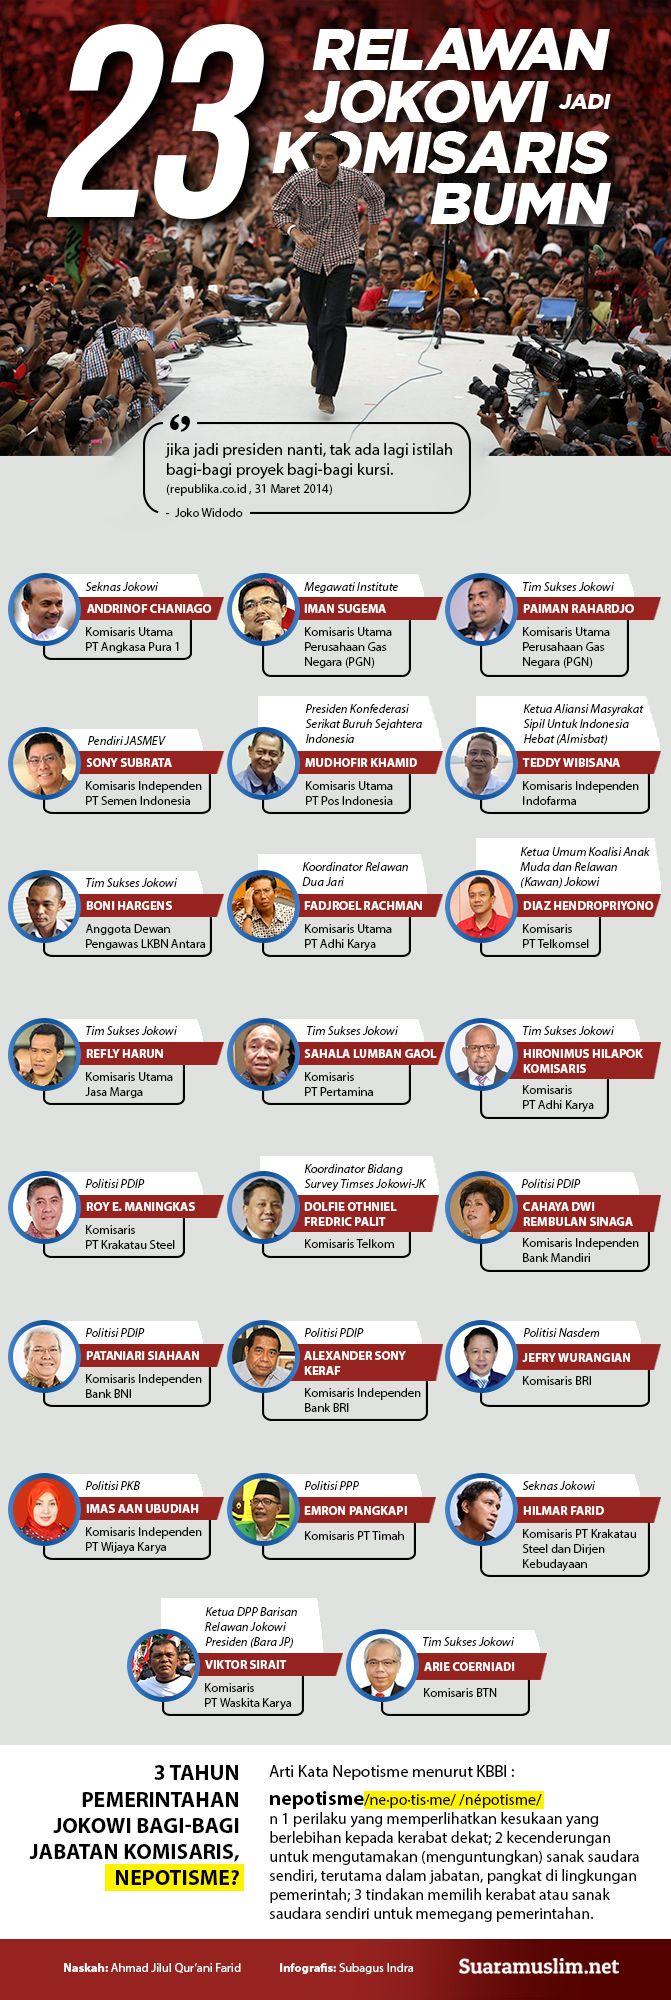 Gambar Pahlawan Pergerakan Nasional Indonesia